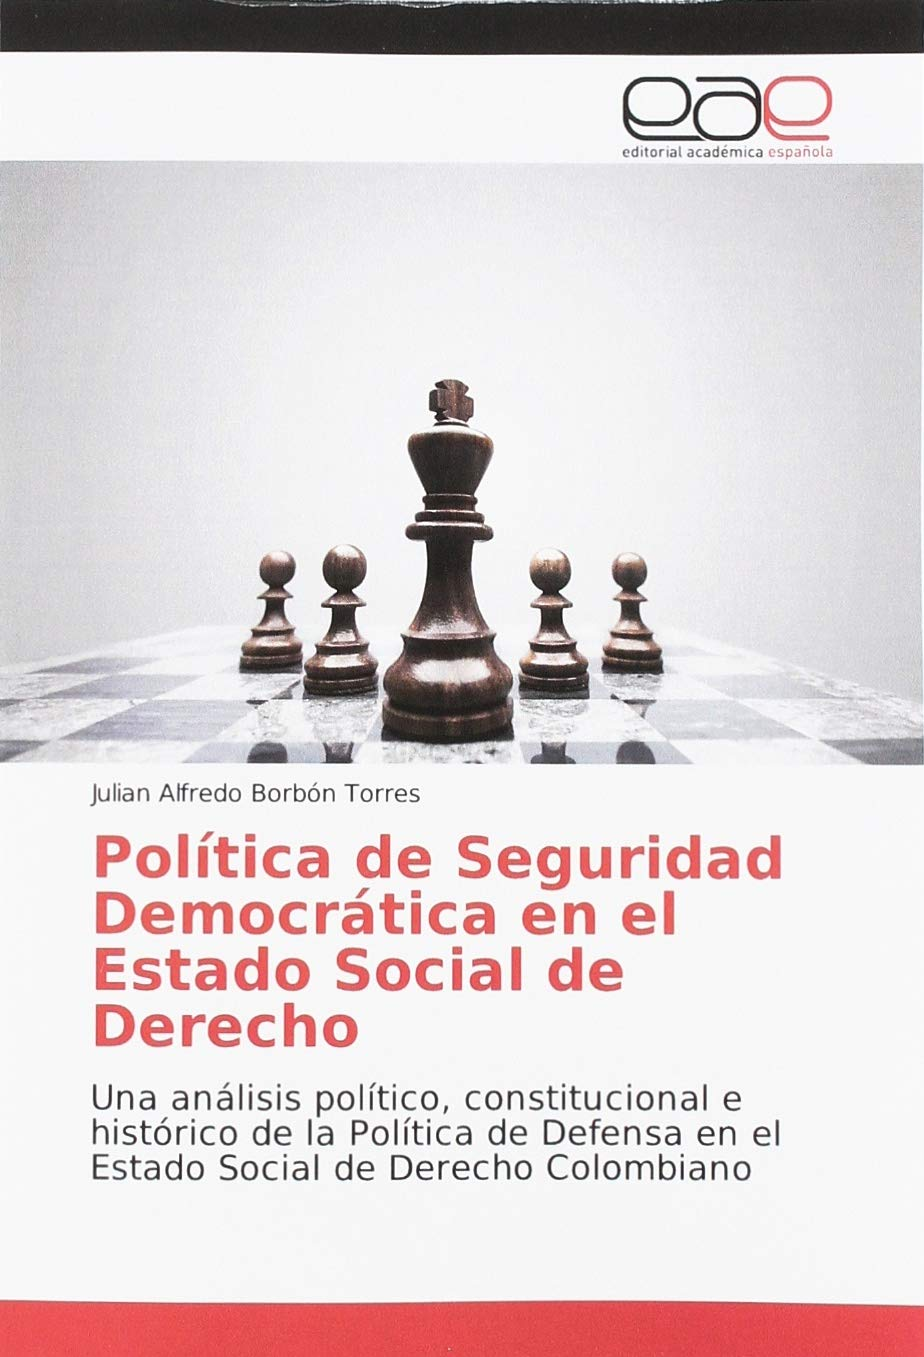 Política de Seguridad Democrática en el Estado Social de Derecho: Una análisis político, constitucional e histórico de la Política de Defensa en el Estado Social de Derecho Colombiano: Amazon.es: Borbón Torres, Julian